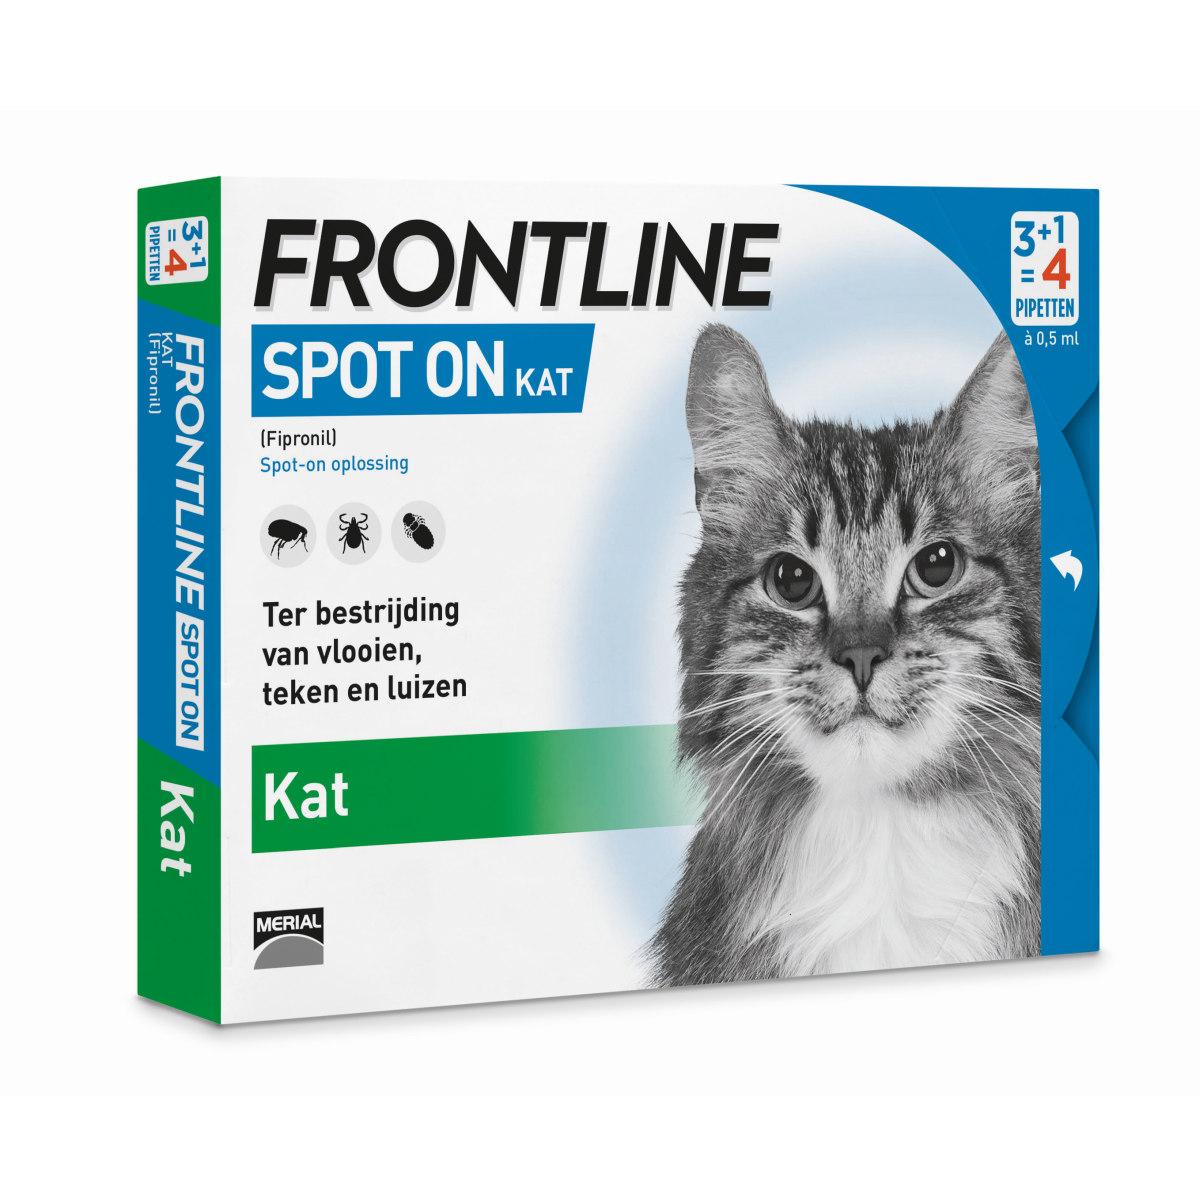 FRONTLINE KAT 4 PIPETTEN 00001